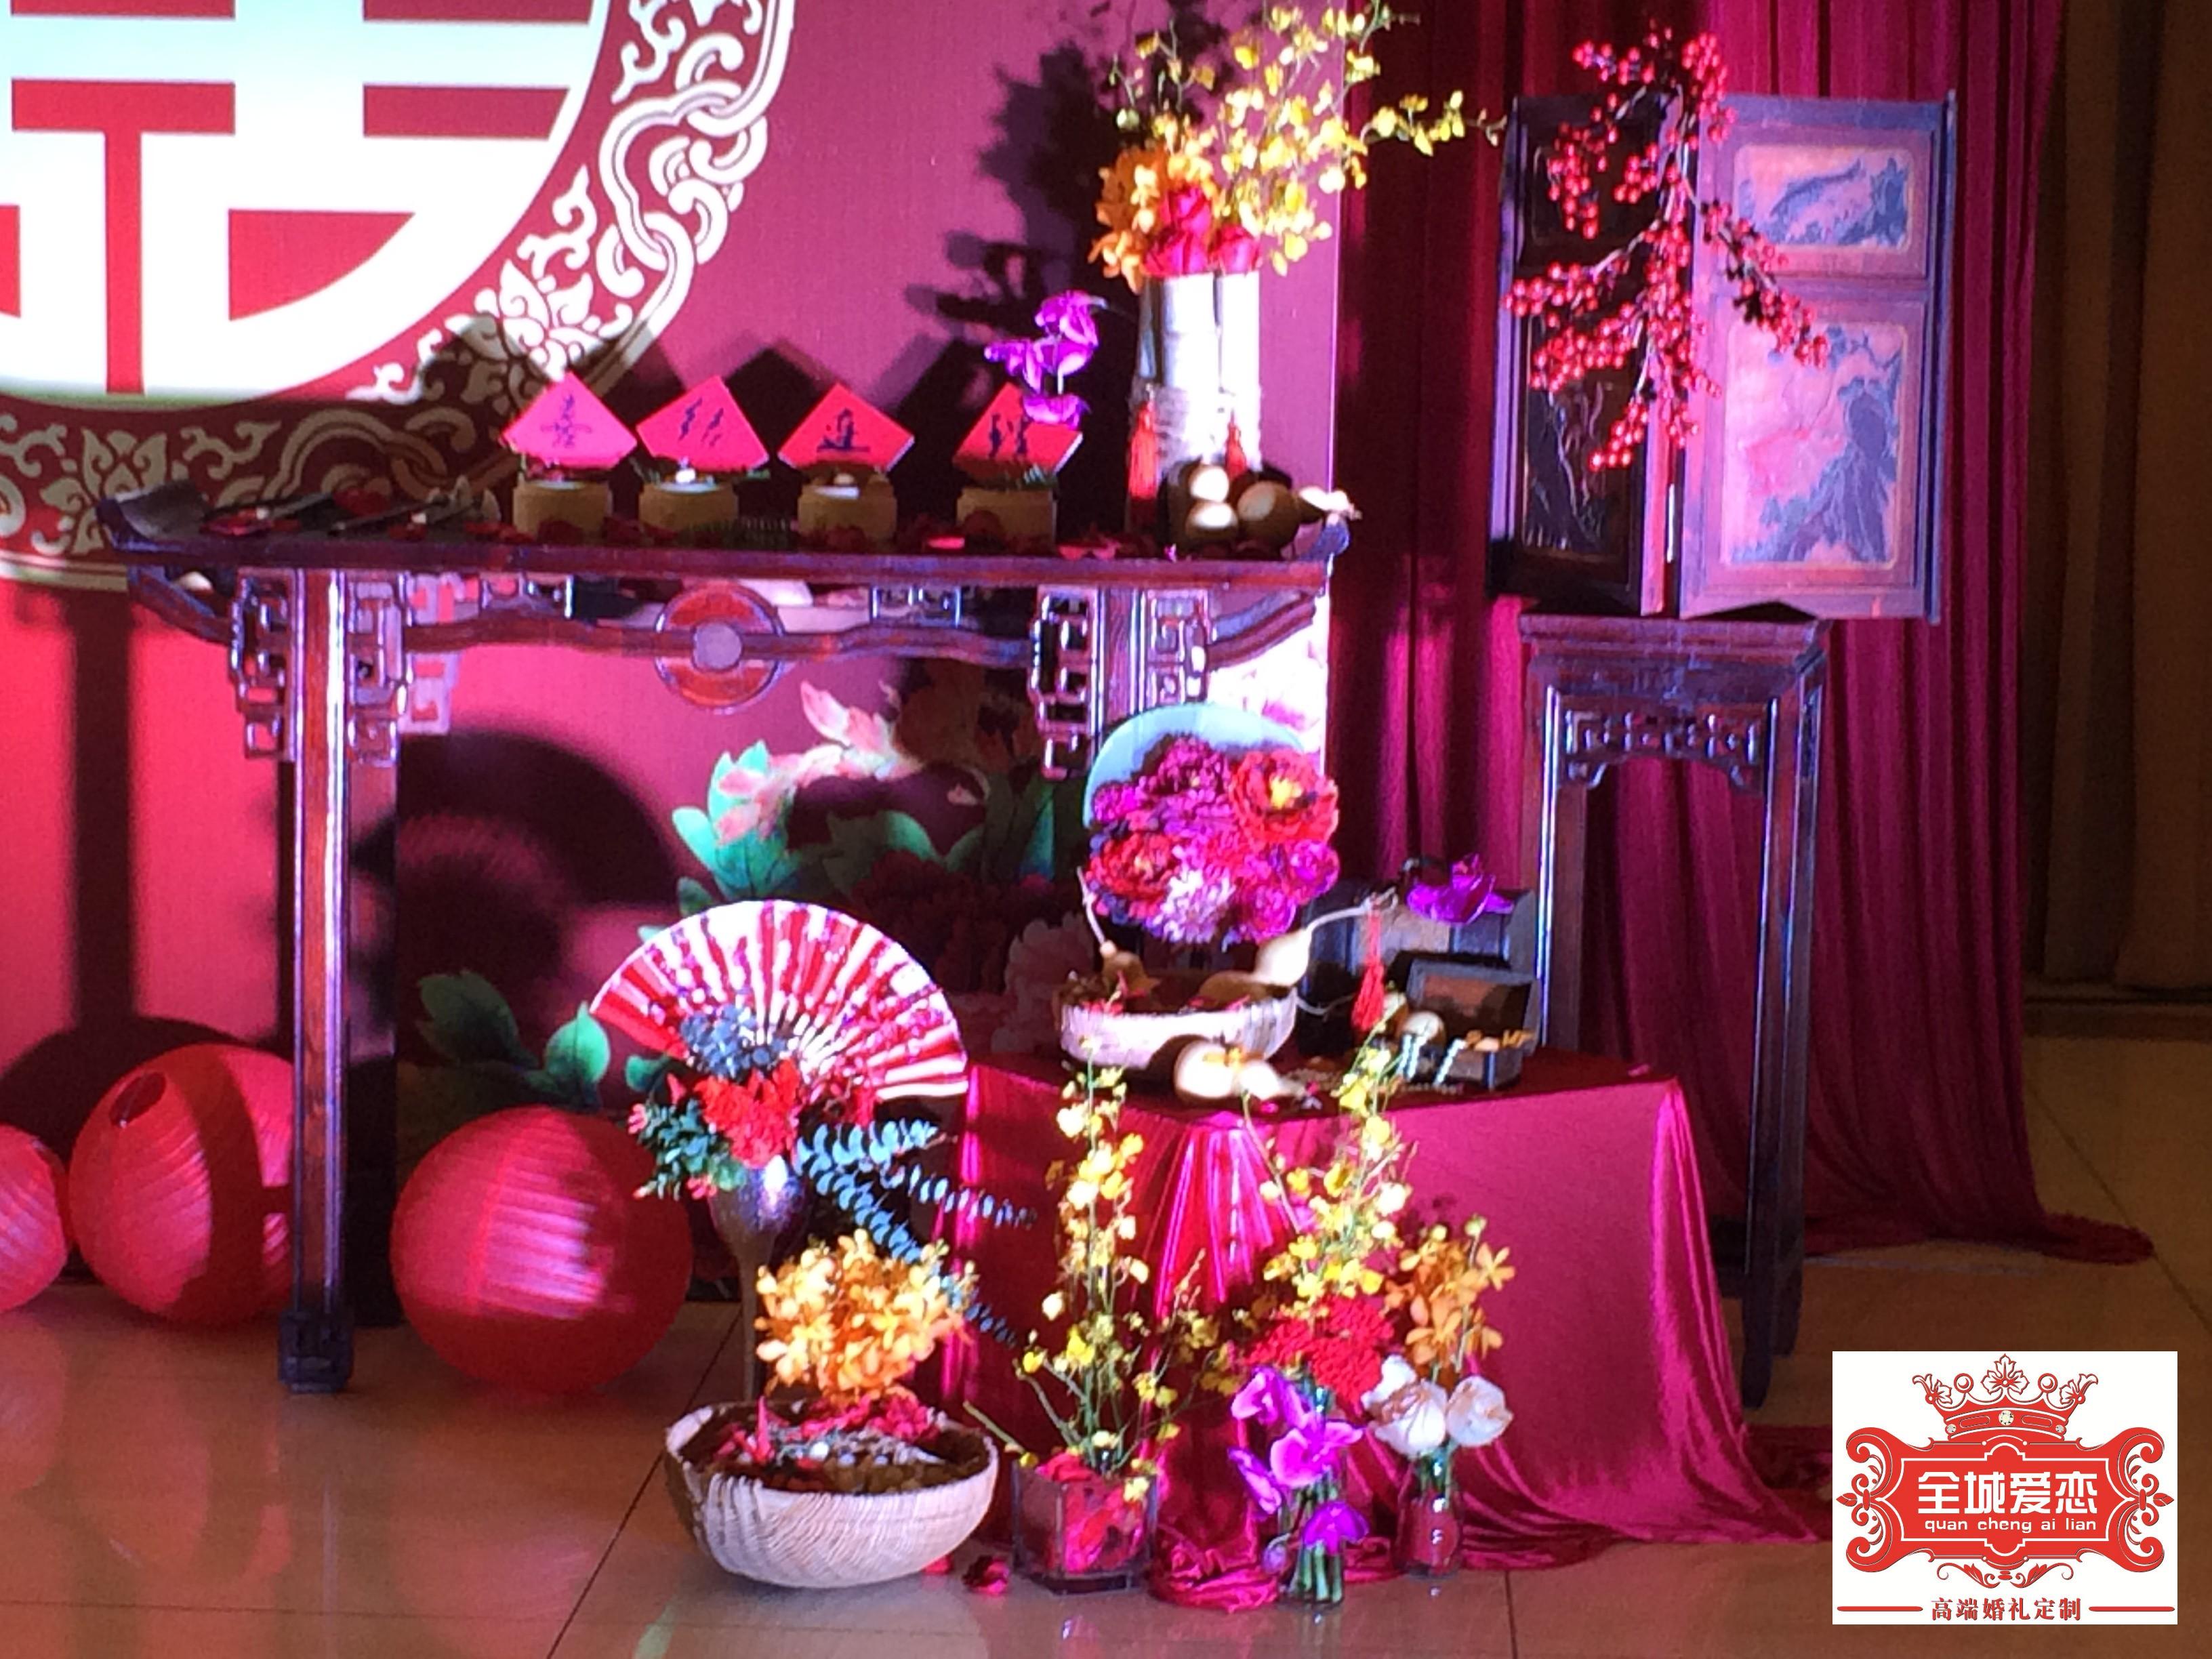 中式西式婚礼图片图片